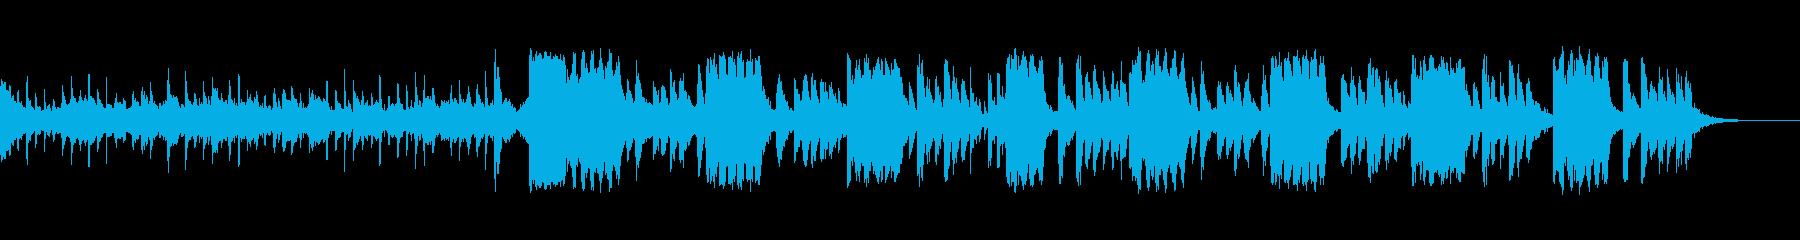 少し眠気が残る朝を感じる曲の再生済みの波形